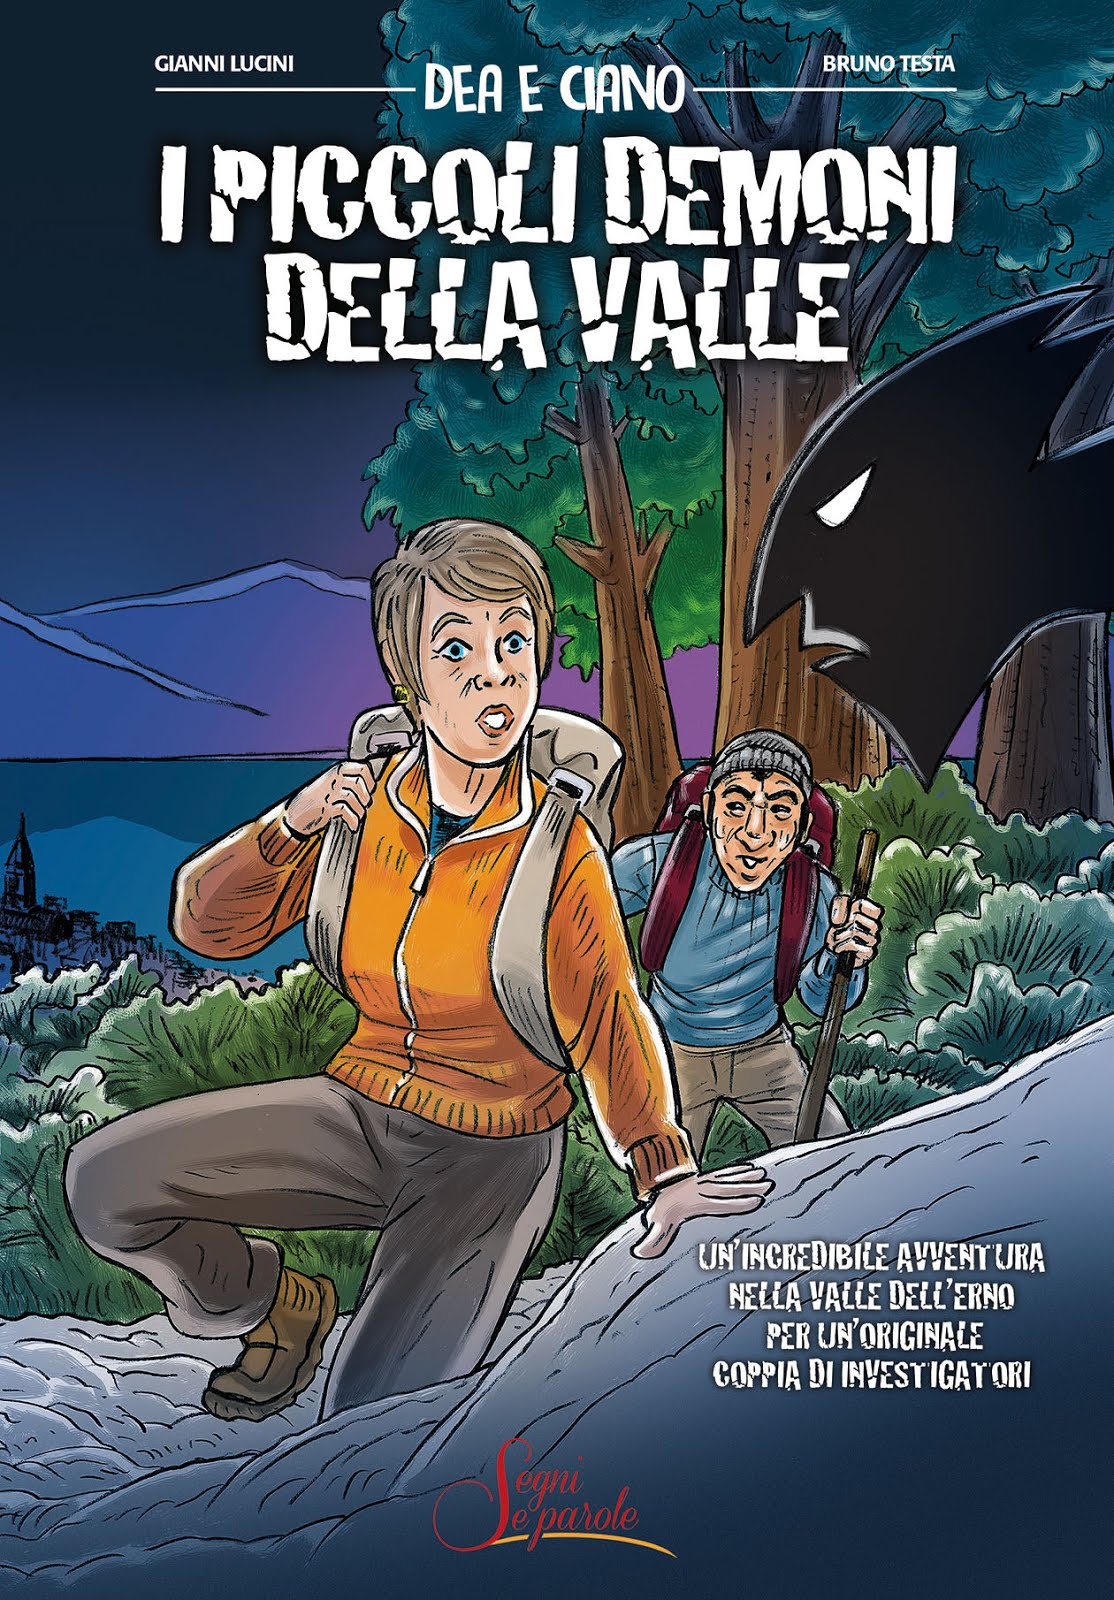 DEA E CIANO - I piccoli demoni della valle